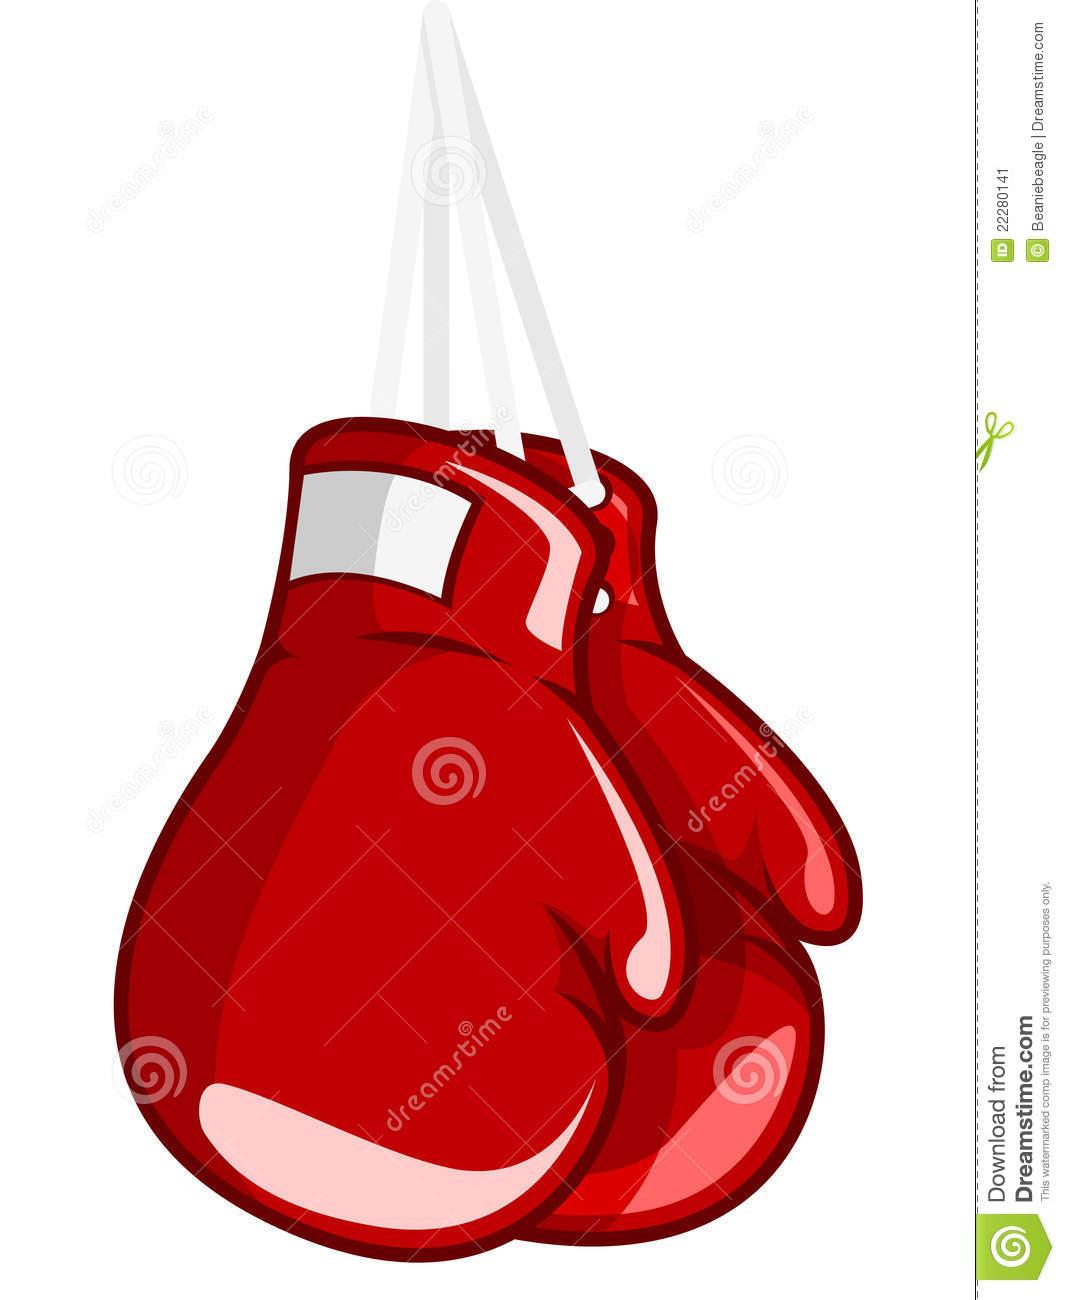 1065x1300 Czeshop Images Hanging Boxing Gloves Clipart